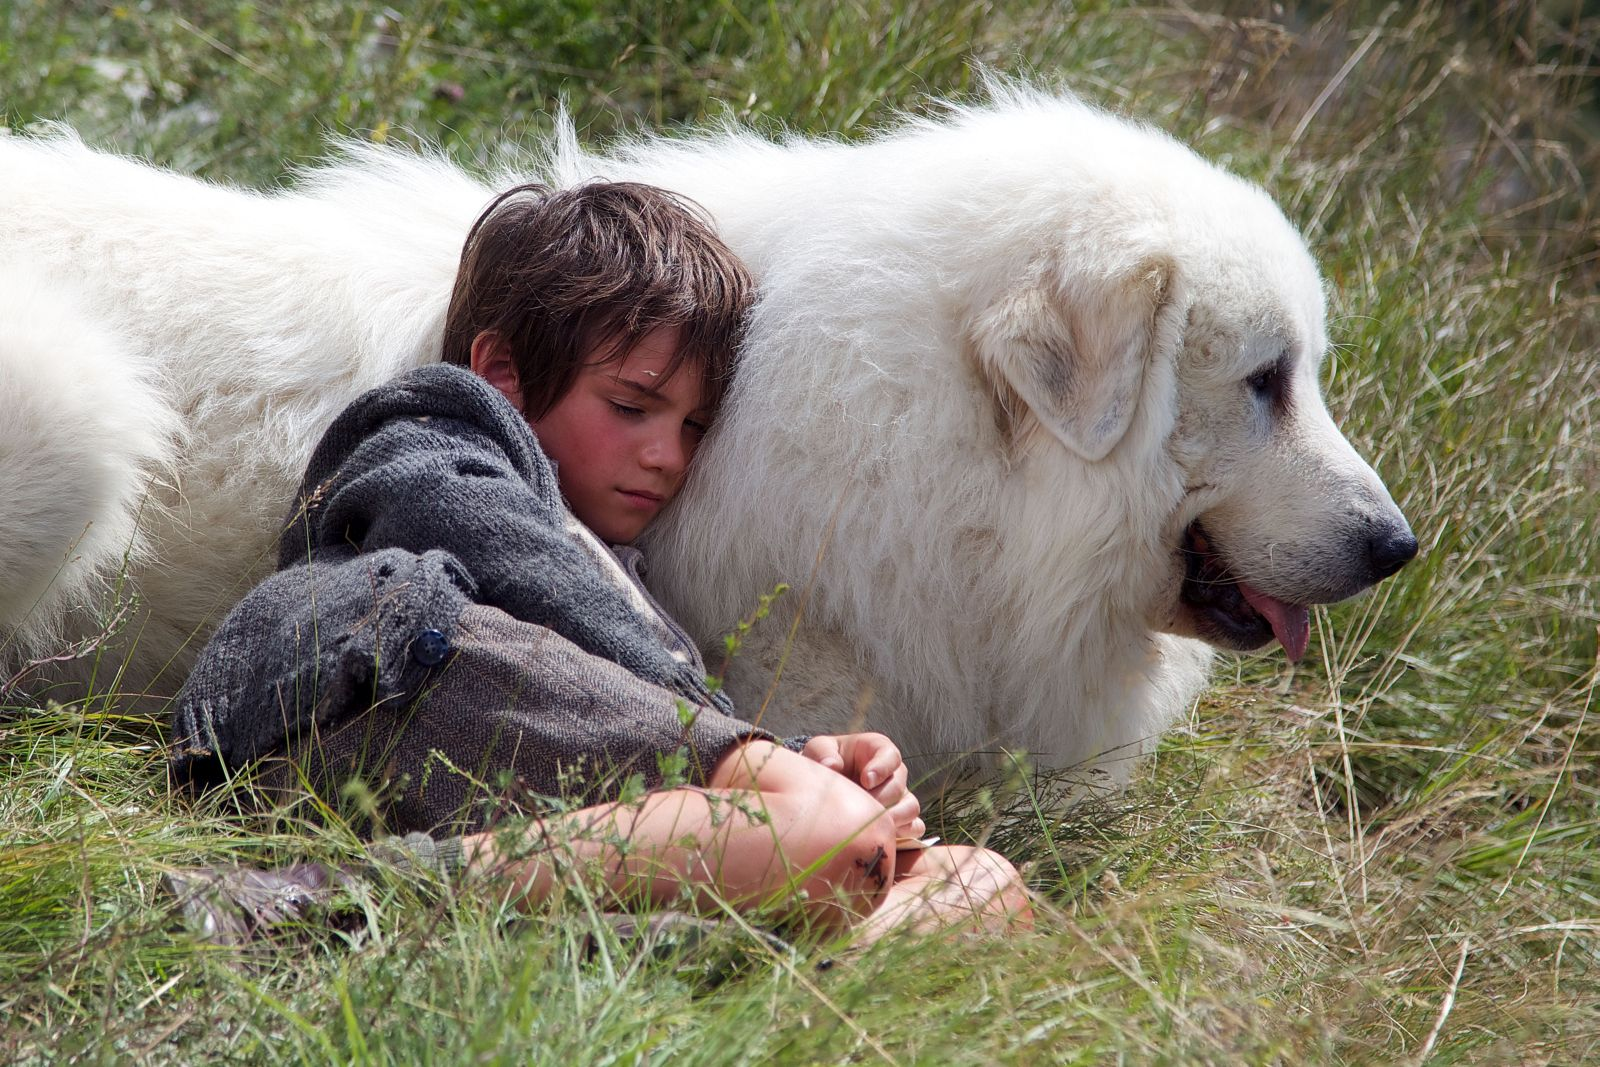 Belle & Sebastien - L'avventura continua: Félix Bossuet addormentato sul fianco del suo amato e vigile cane